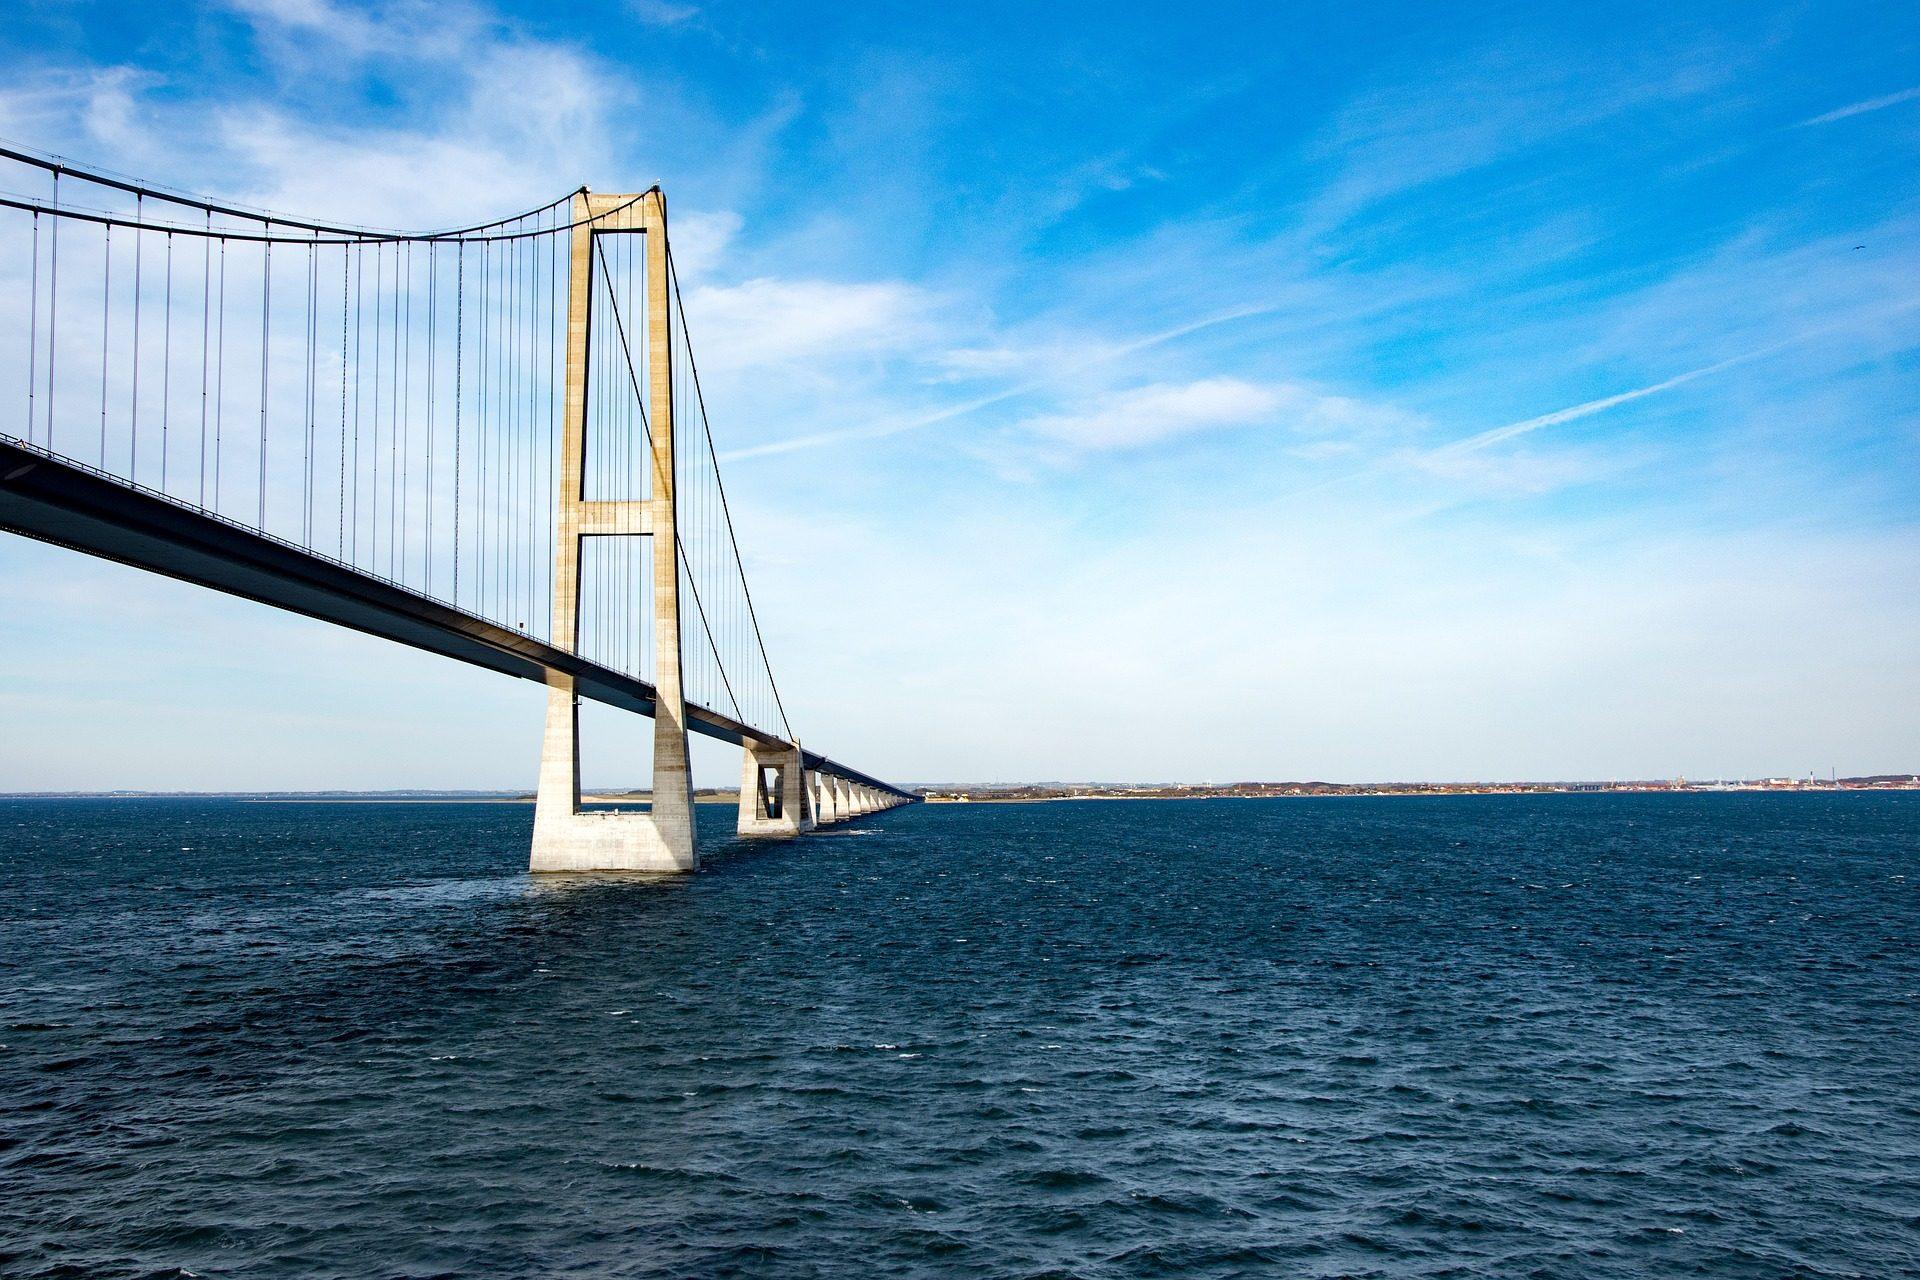 Brücke, Kabel, Befestigungssysteme, Meer, Wasser, Himmel - Wallpaper HD - Prof.-falken.com